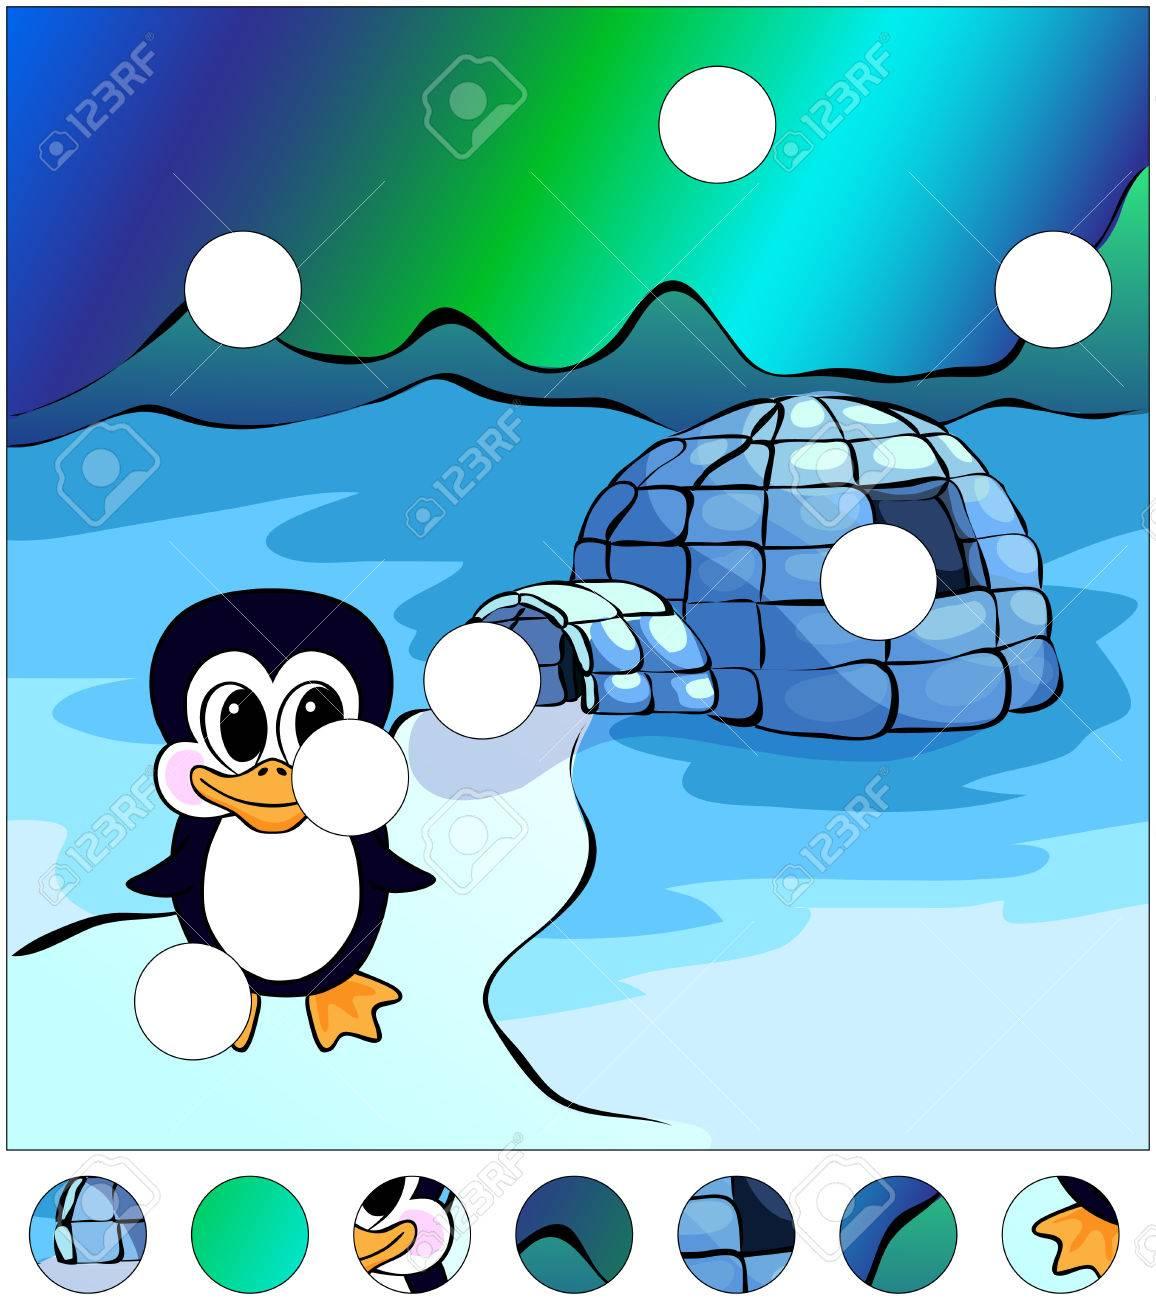 Pinguin In Der Nähe Des Iglu Und Nordlichter Am Himmel. Das Puzzle ...